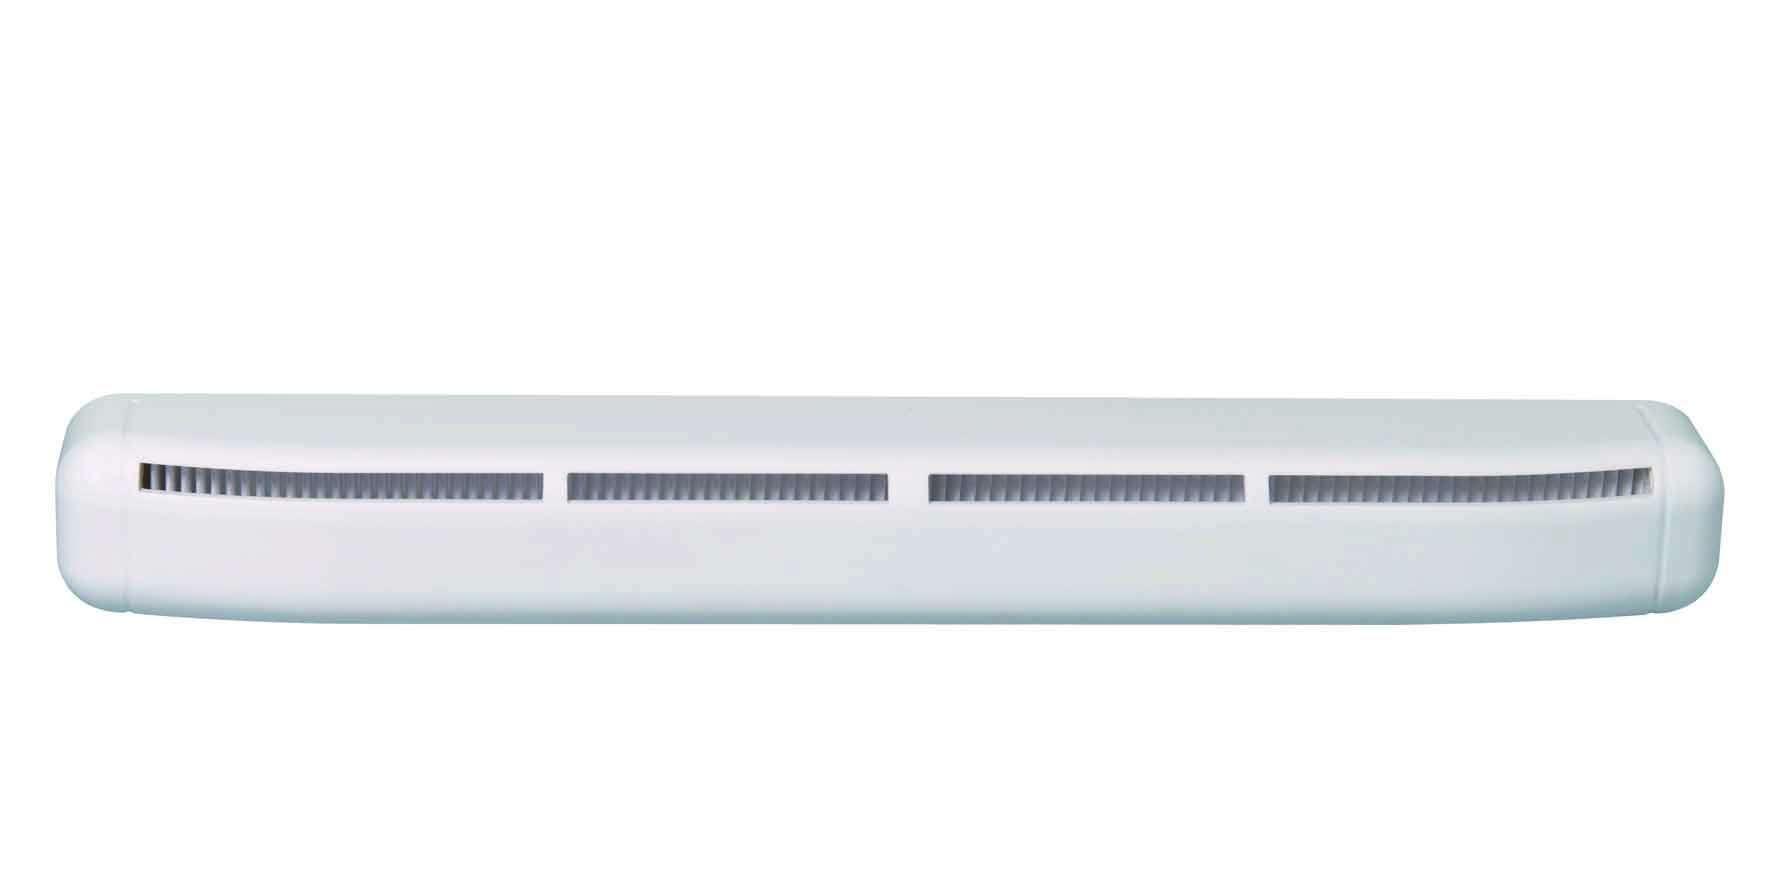 Entrée d'air filtrante AIR FILTER 30 - BLC/WHI Aldes 11011581